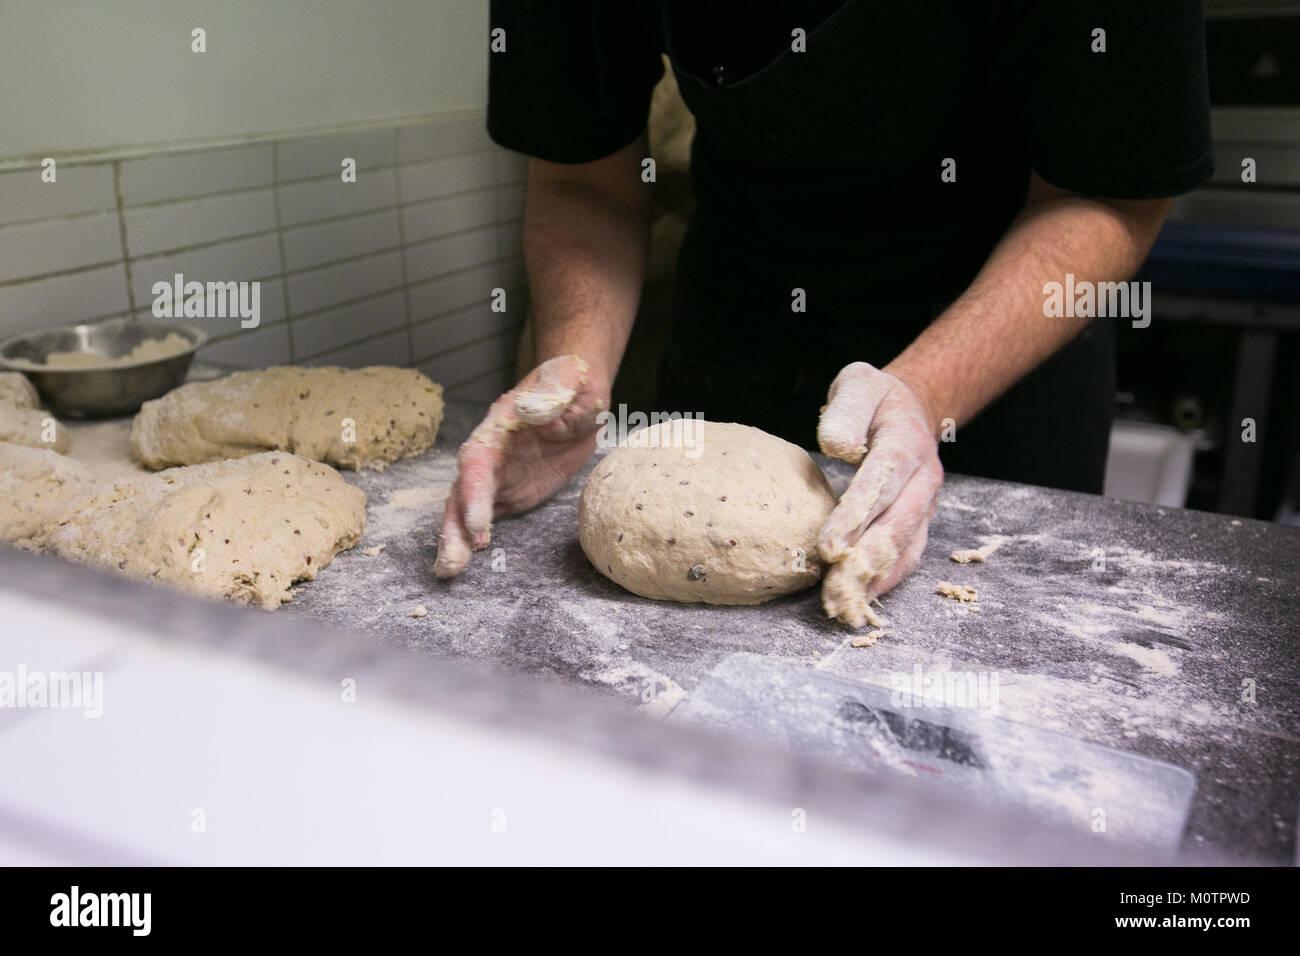 Artisan baker making bread - Stock Image